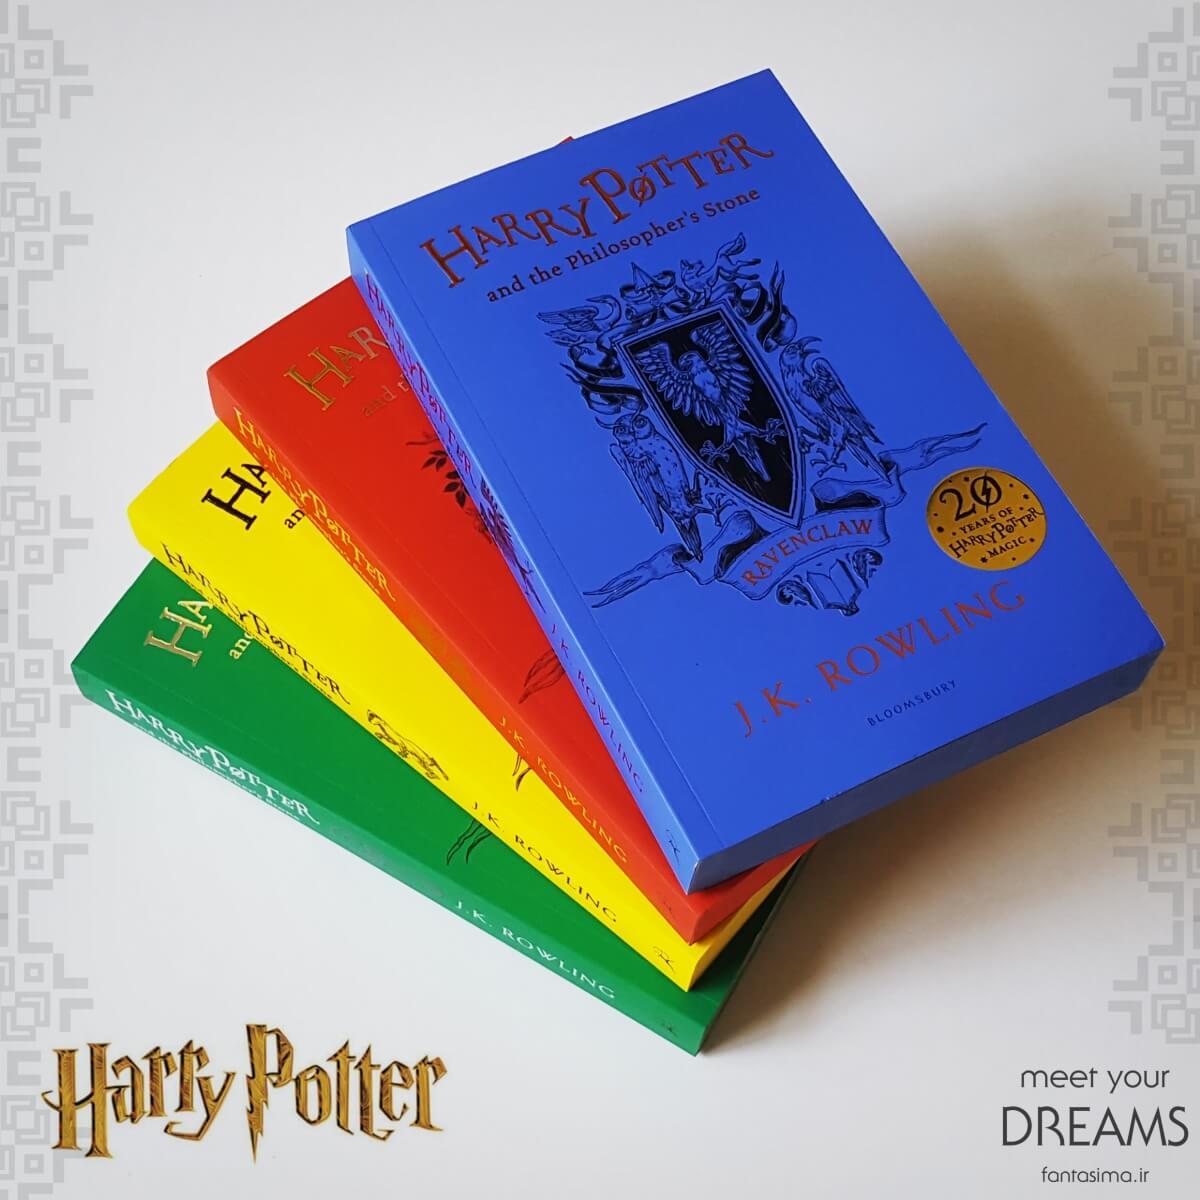 ست کتاب هری پاتر و سنگ جادو - گروهبندی